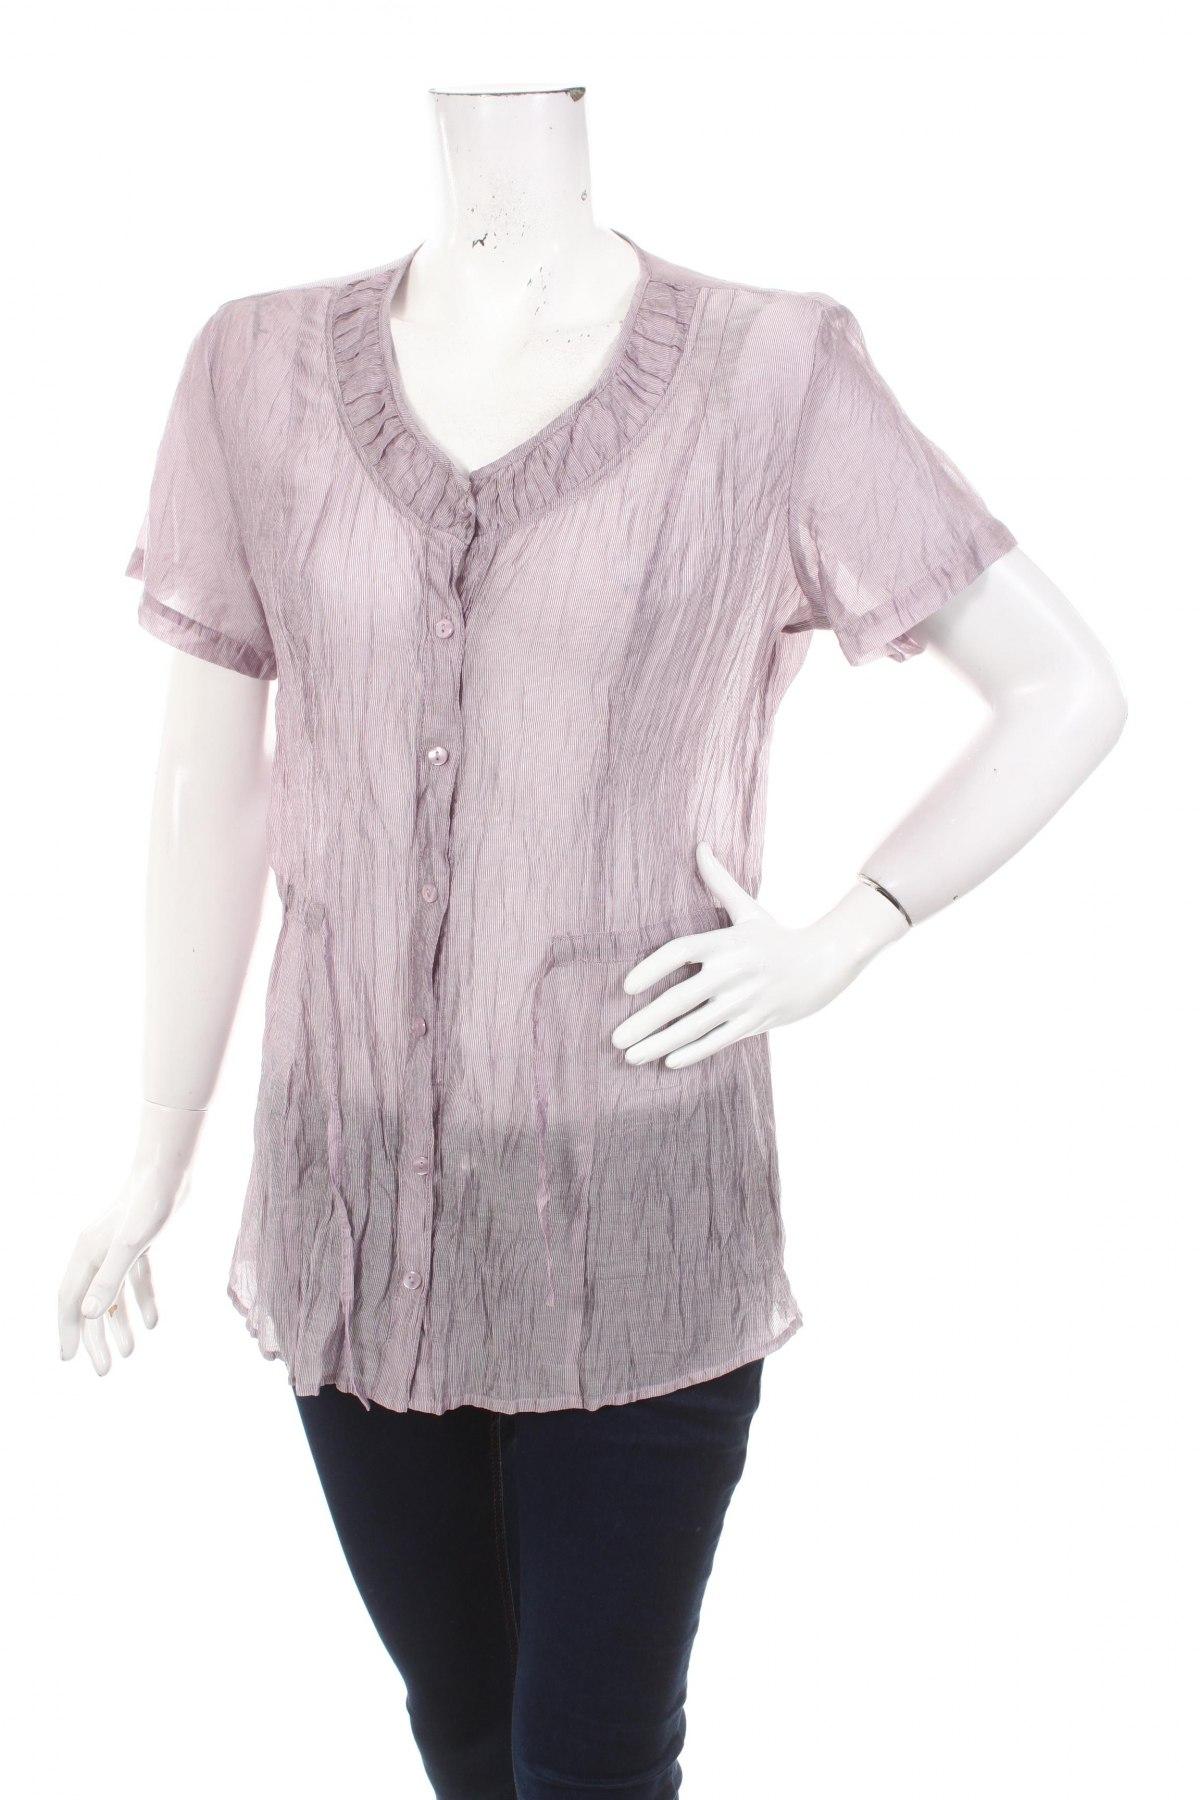 Γυναικείο πουκάμισο Bonita, Μέγεθος L, Χρώμα Βιολετί, Τιμή 9,90€